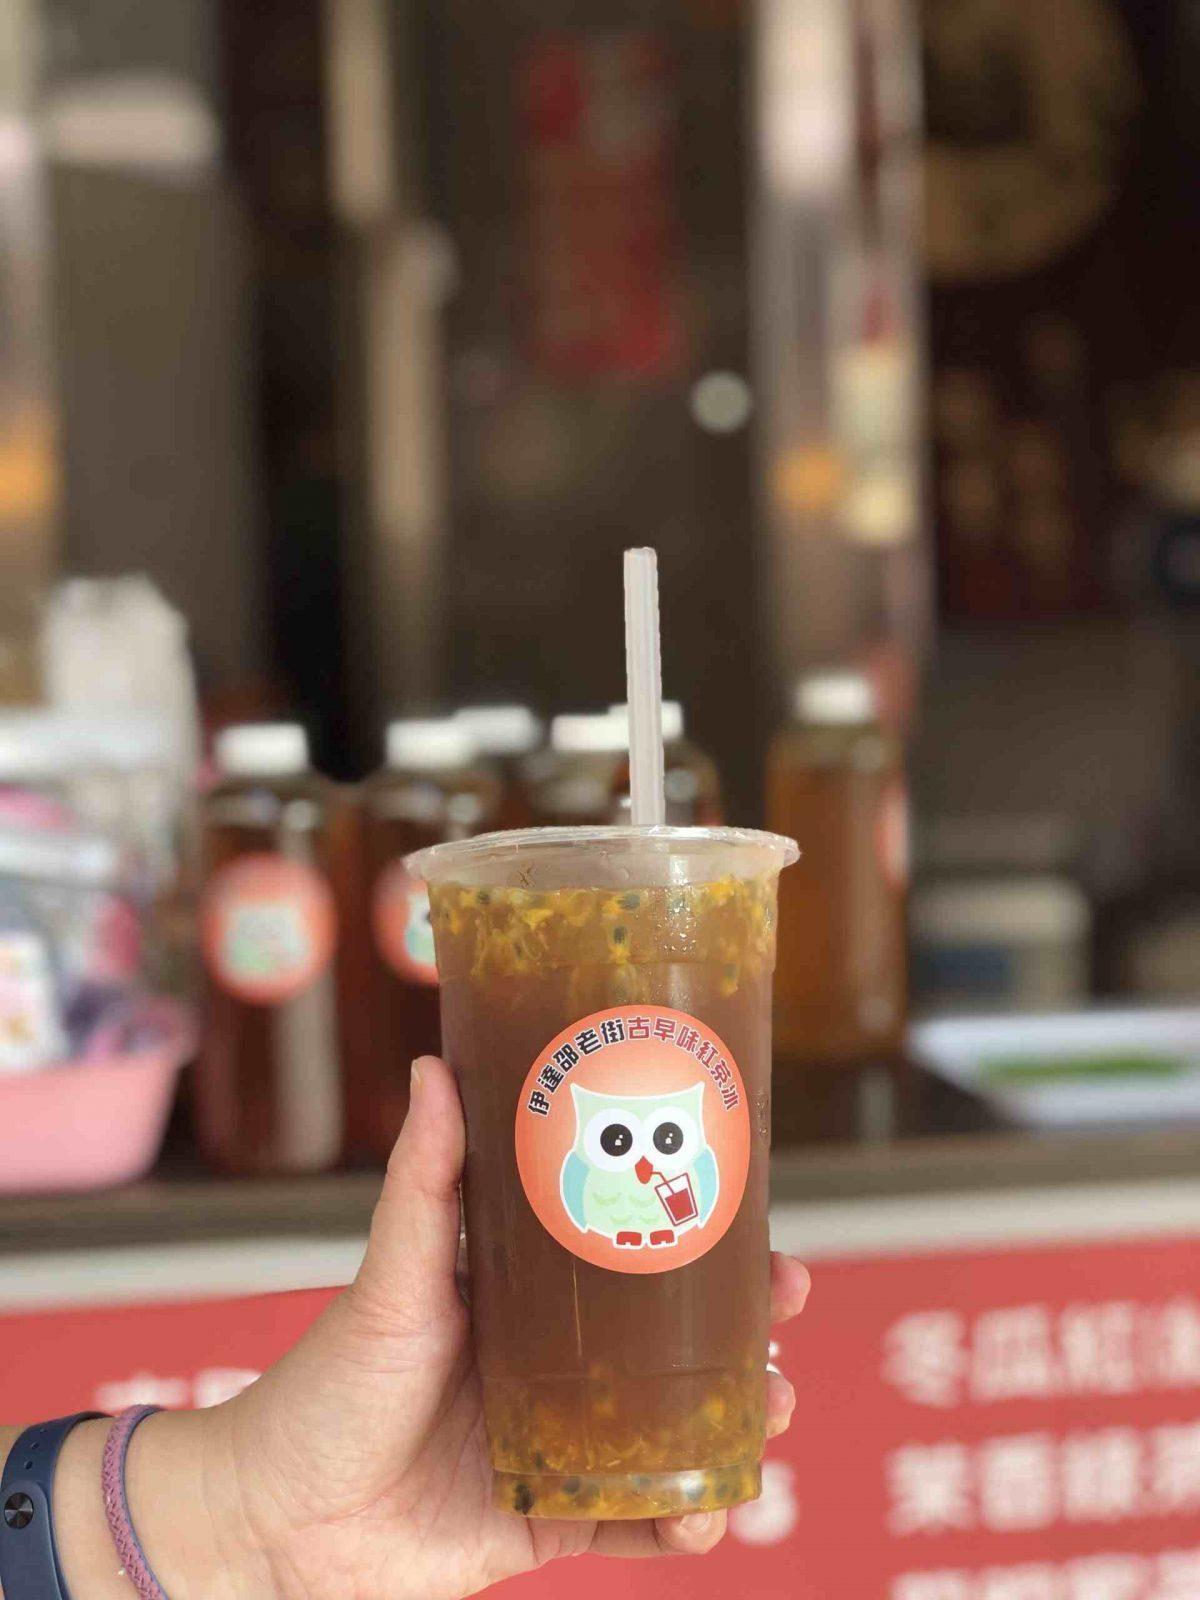 日月潭紅茶冰 日月潭紅茶 貓頭鷹古早味紅茶冰 百香果紅茶